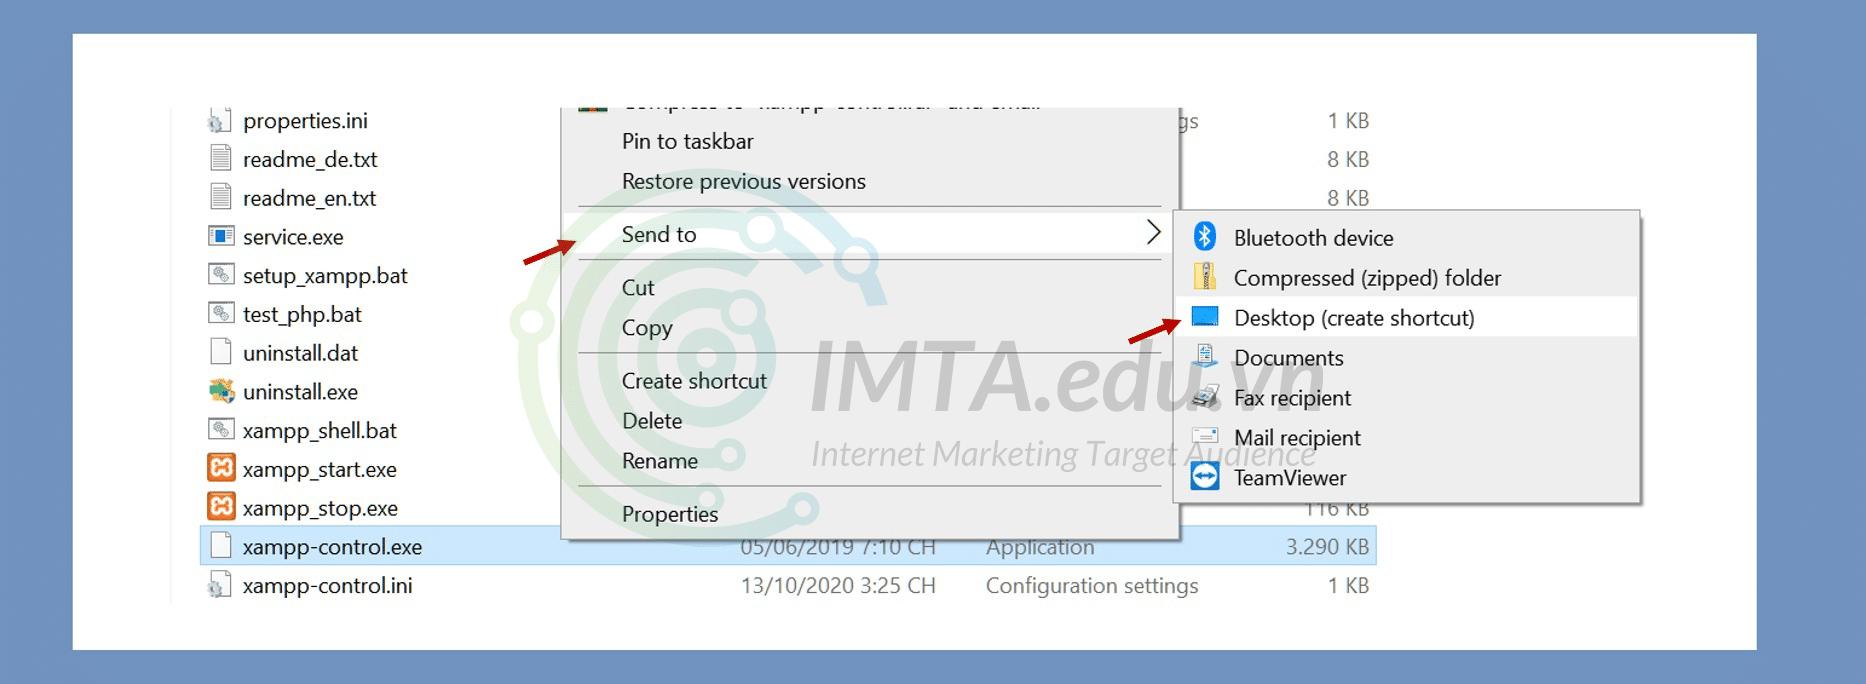 Tạo shortcut đến Desktop cho file xampp-control.exe